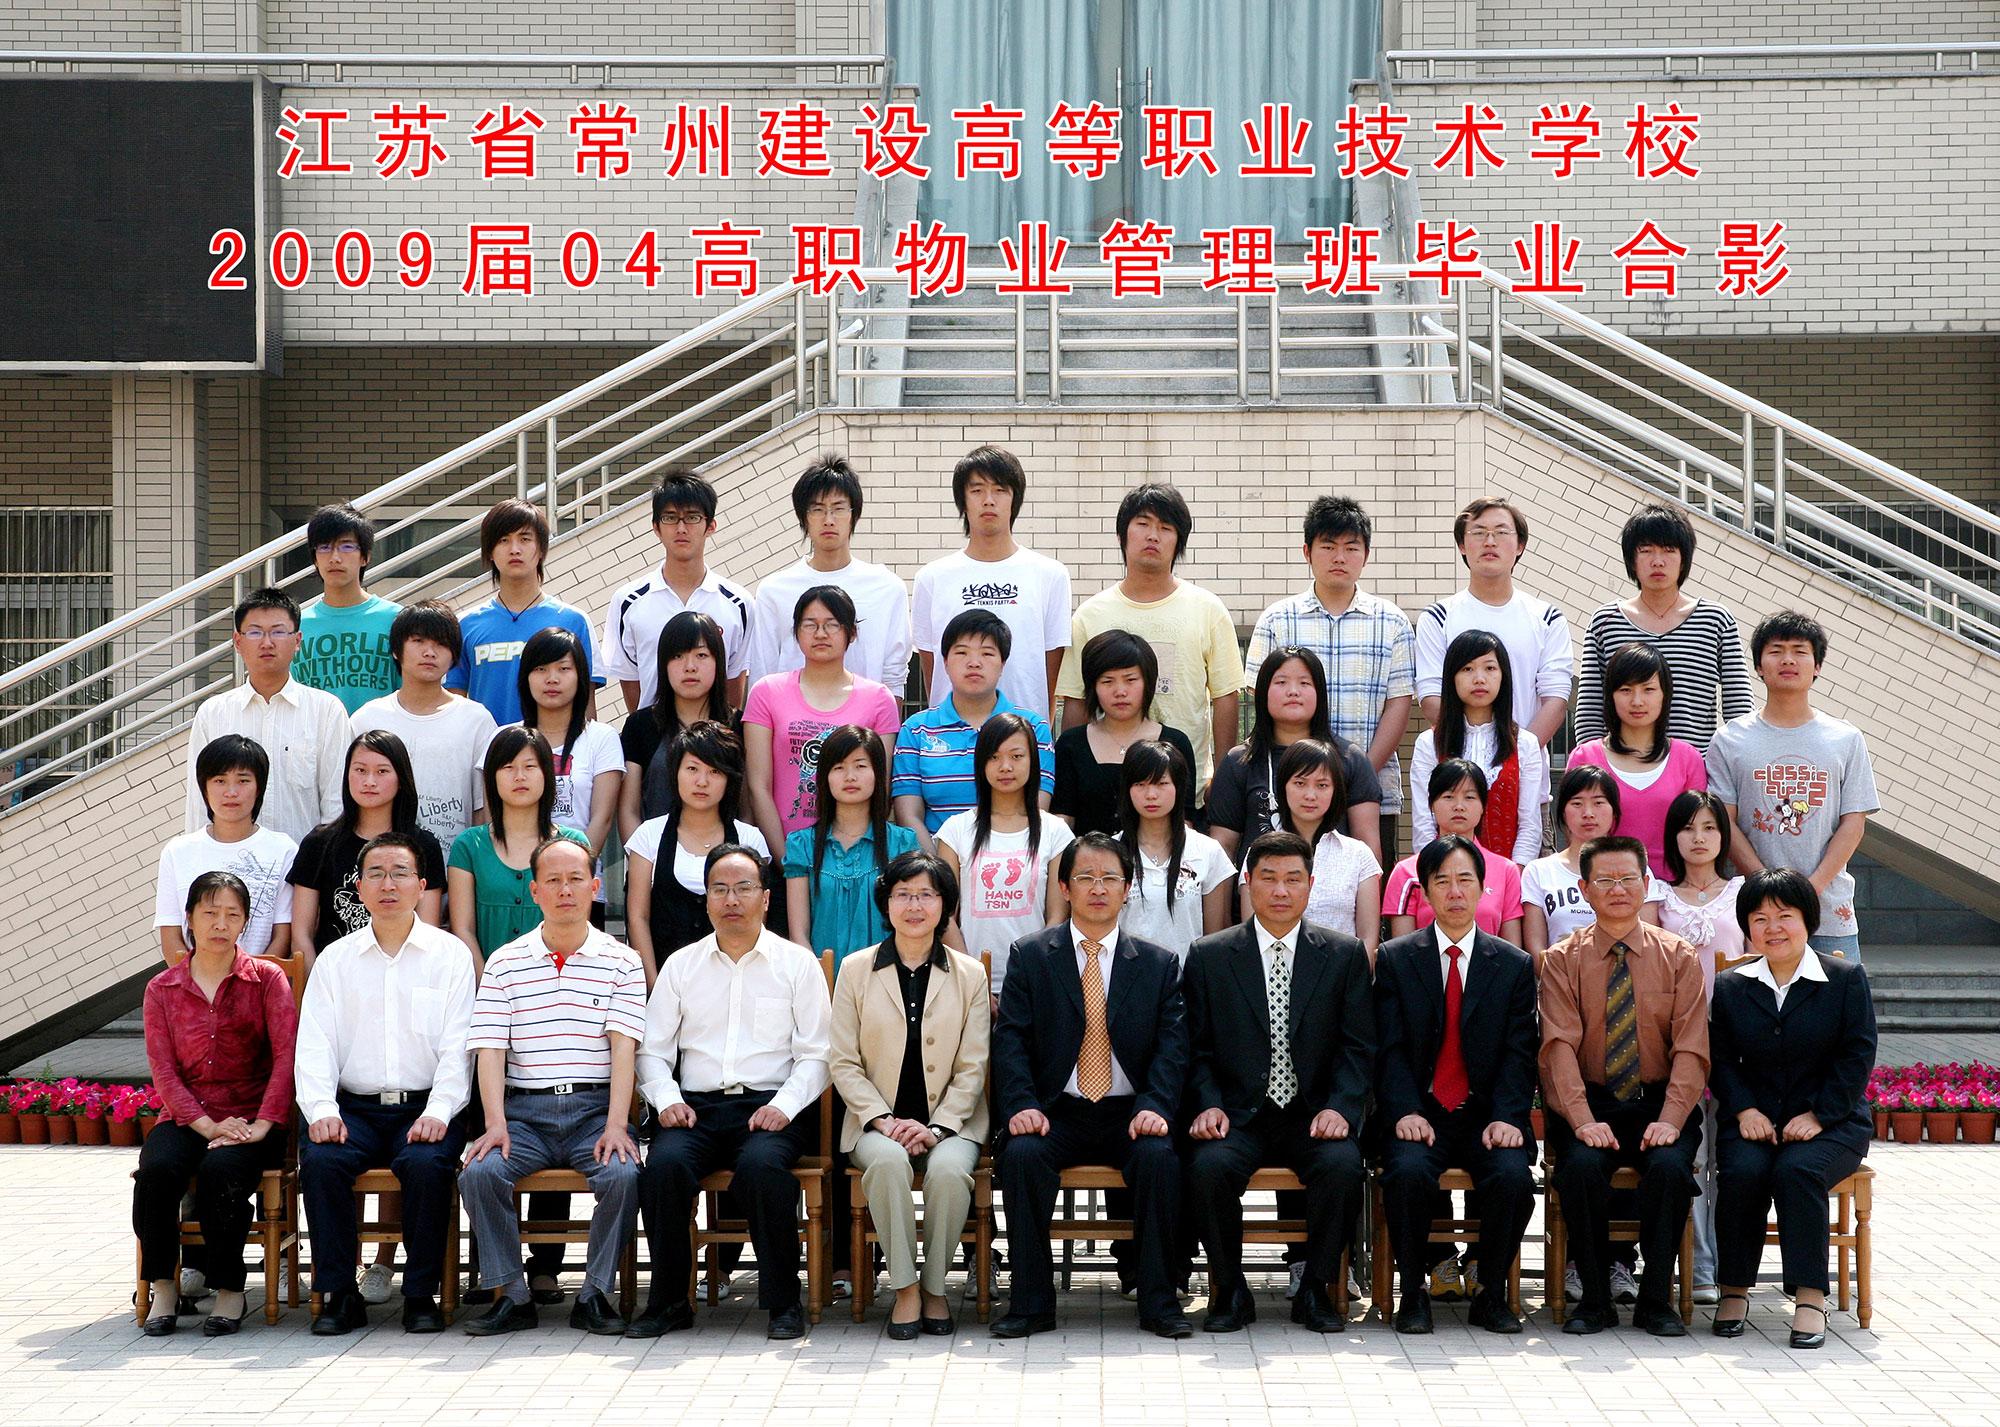 2009届04高职物业管理班毕业合影